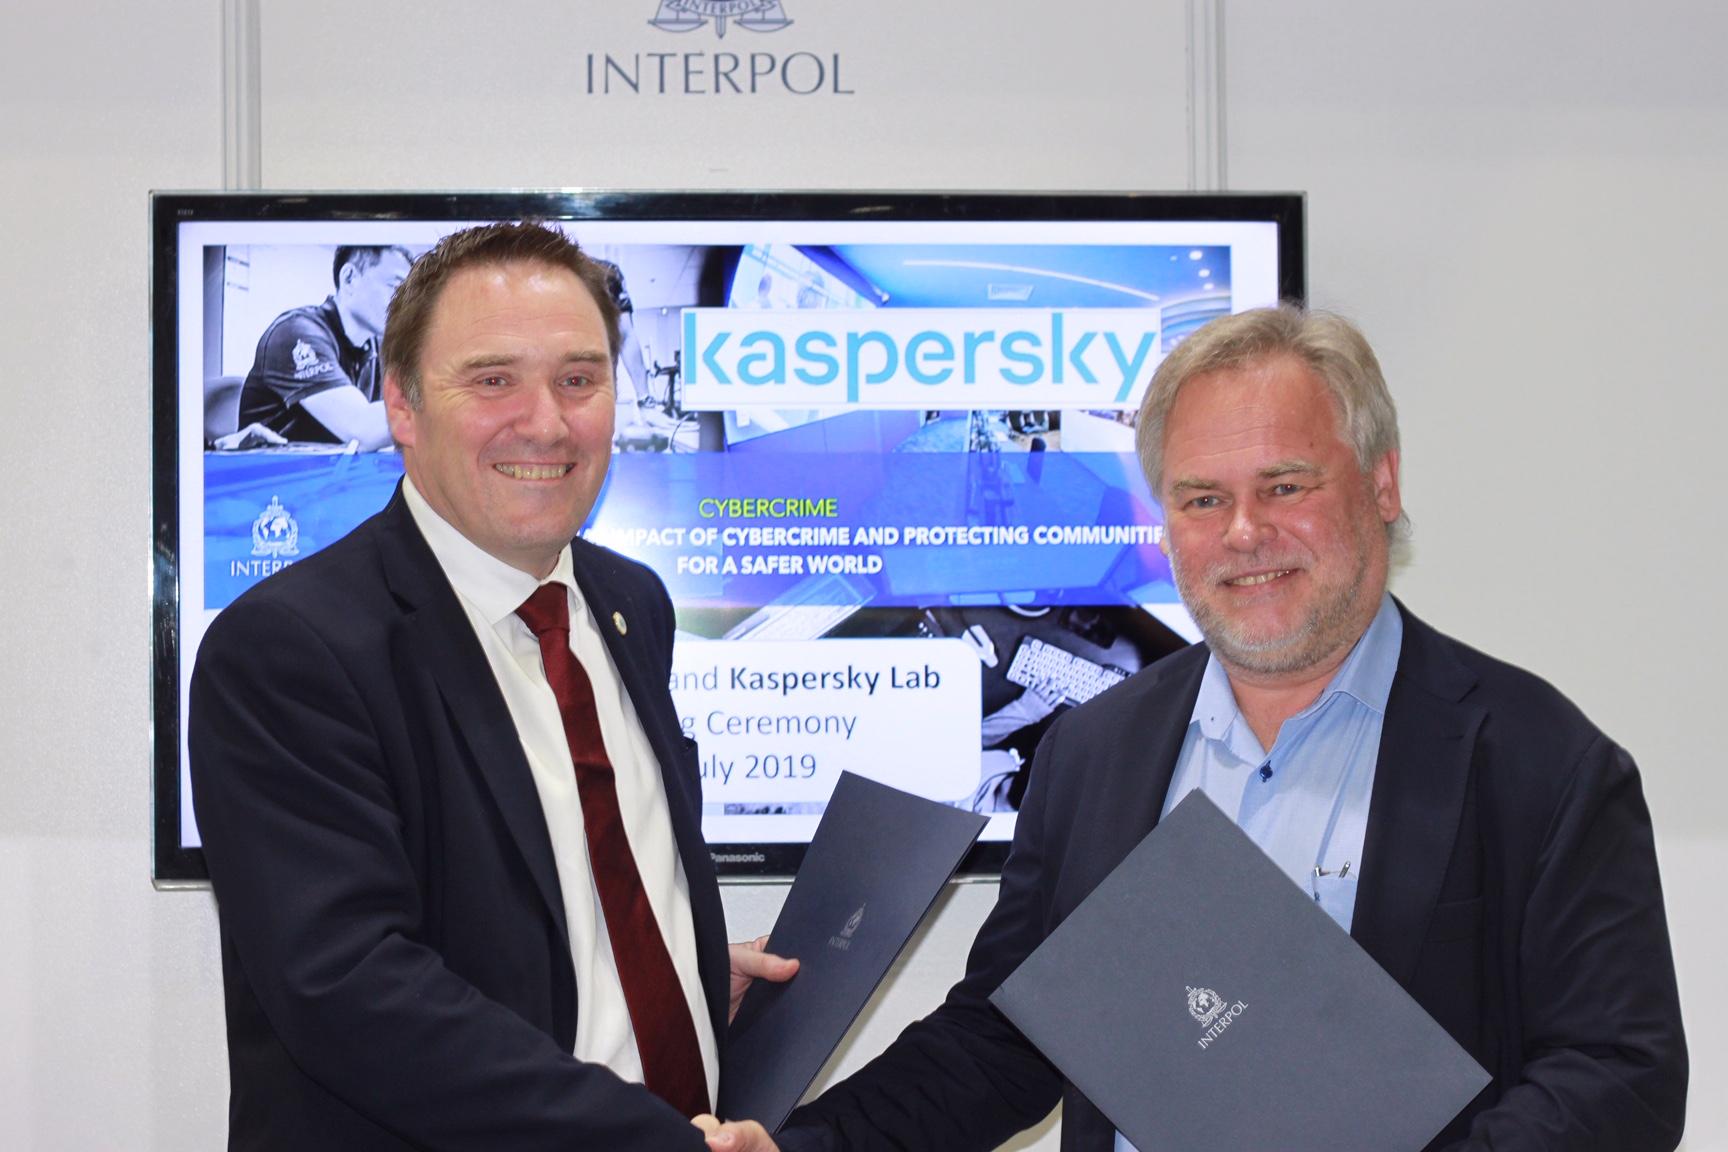 Kaspersky extinde cooperarea cu INTERPOL